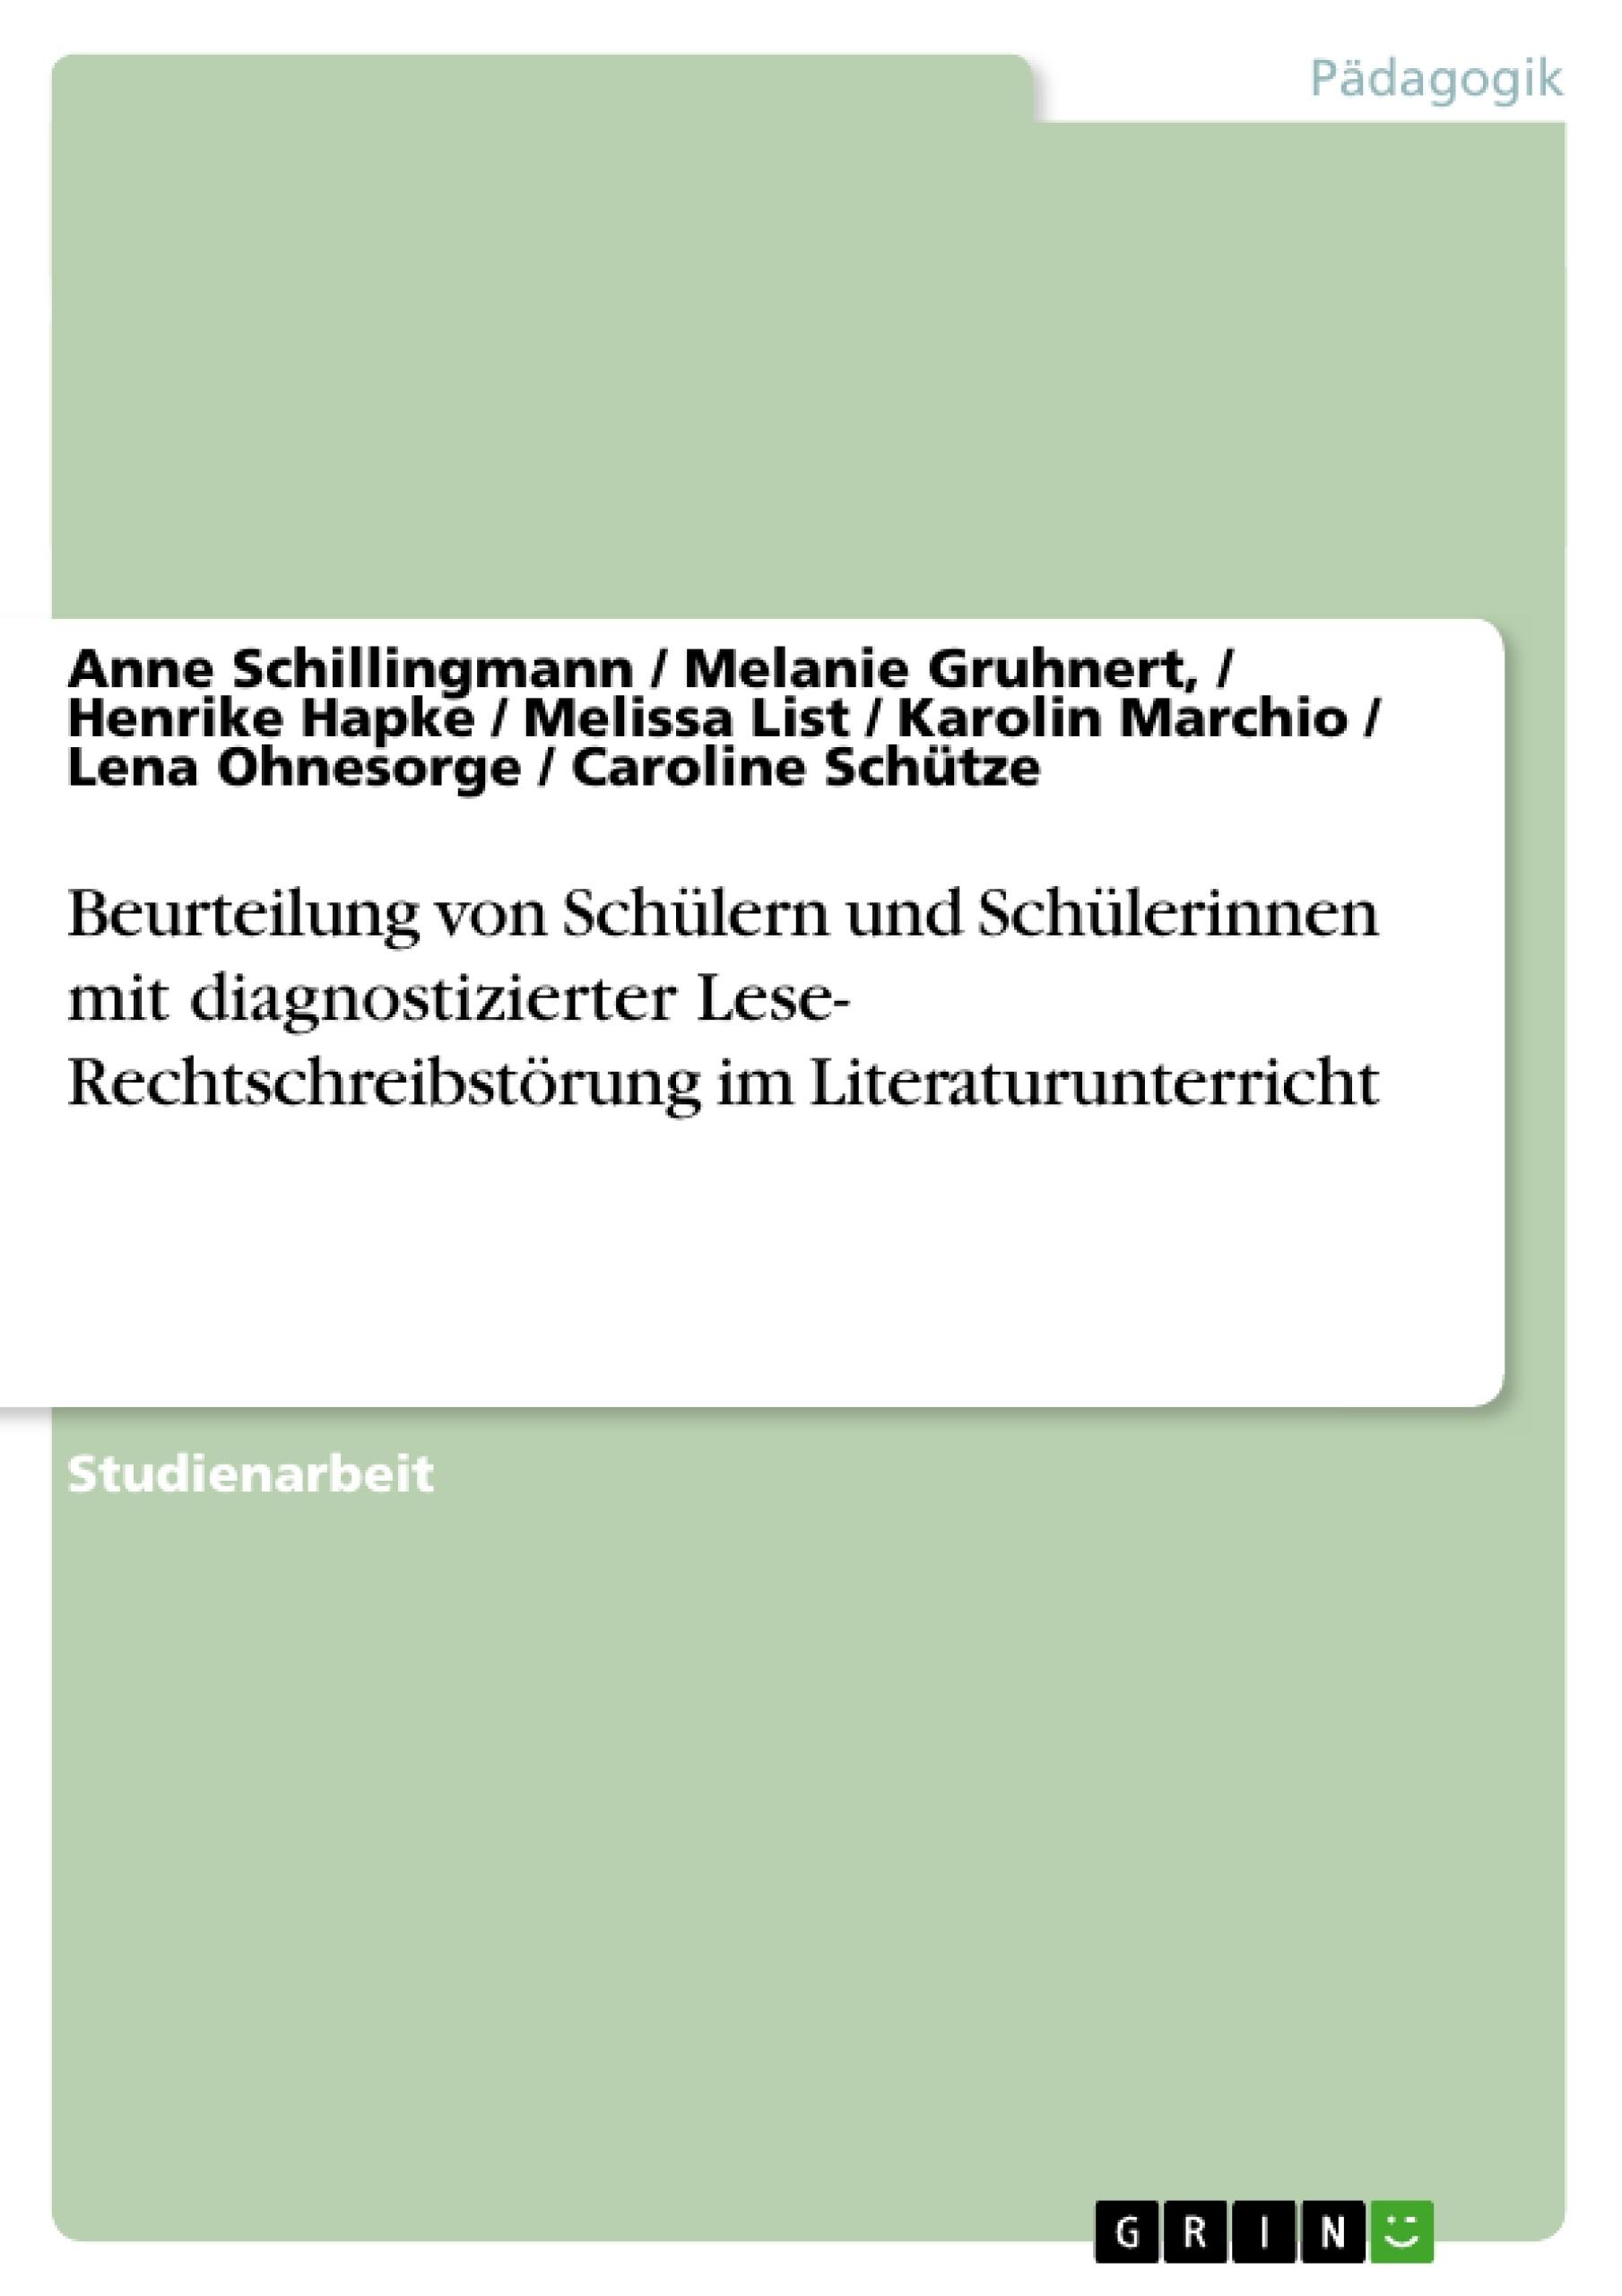 Titel: Beurteilung von Schülern und Schülerinnen mit diagnostizierter Lese- Rechtschreibstörung im Literaturunterricht